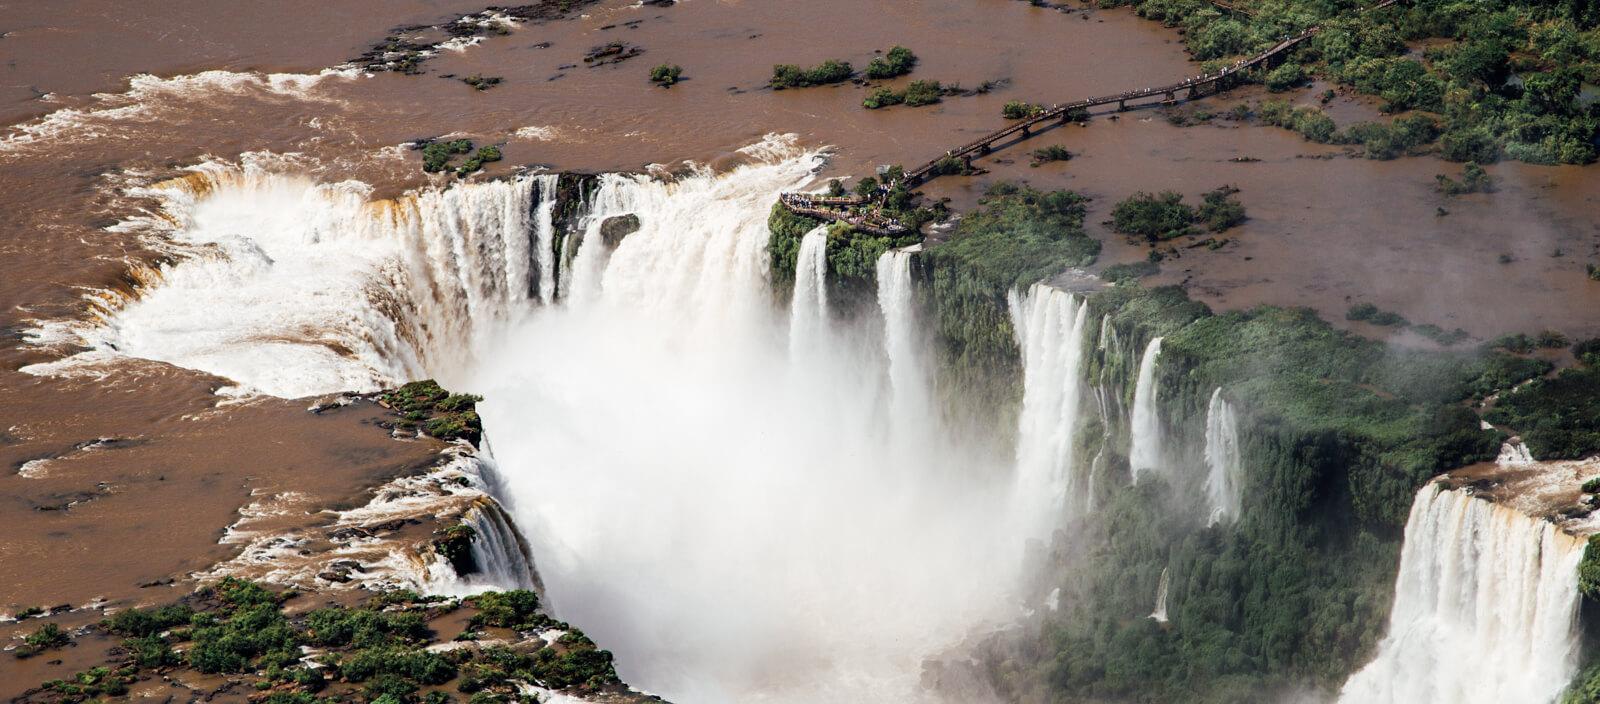 Passeio de helicóptero - Cataratas do Iguaçu